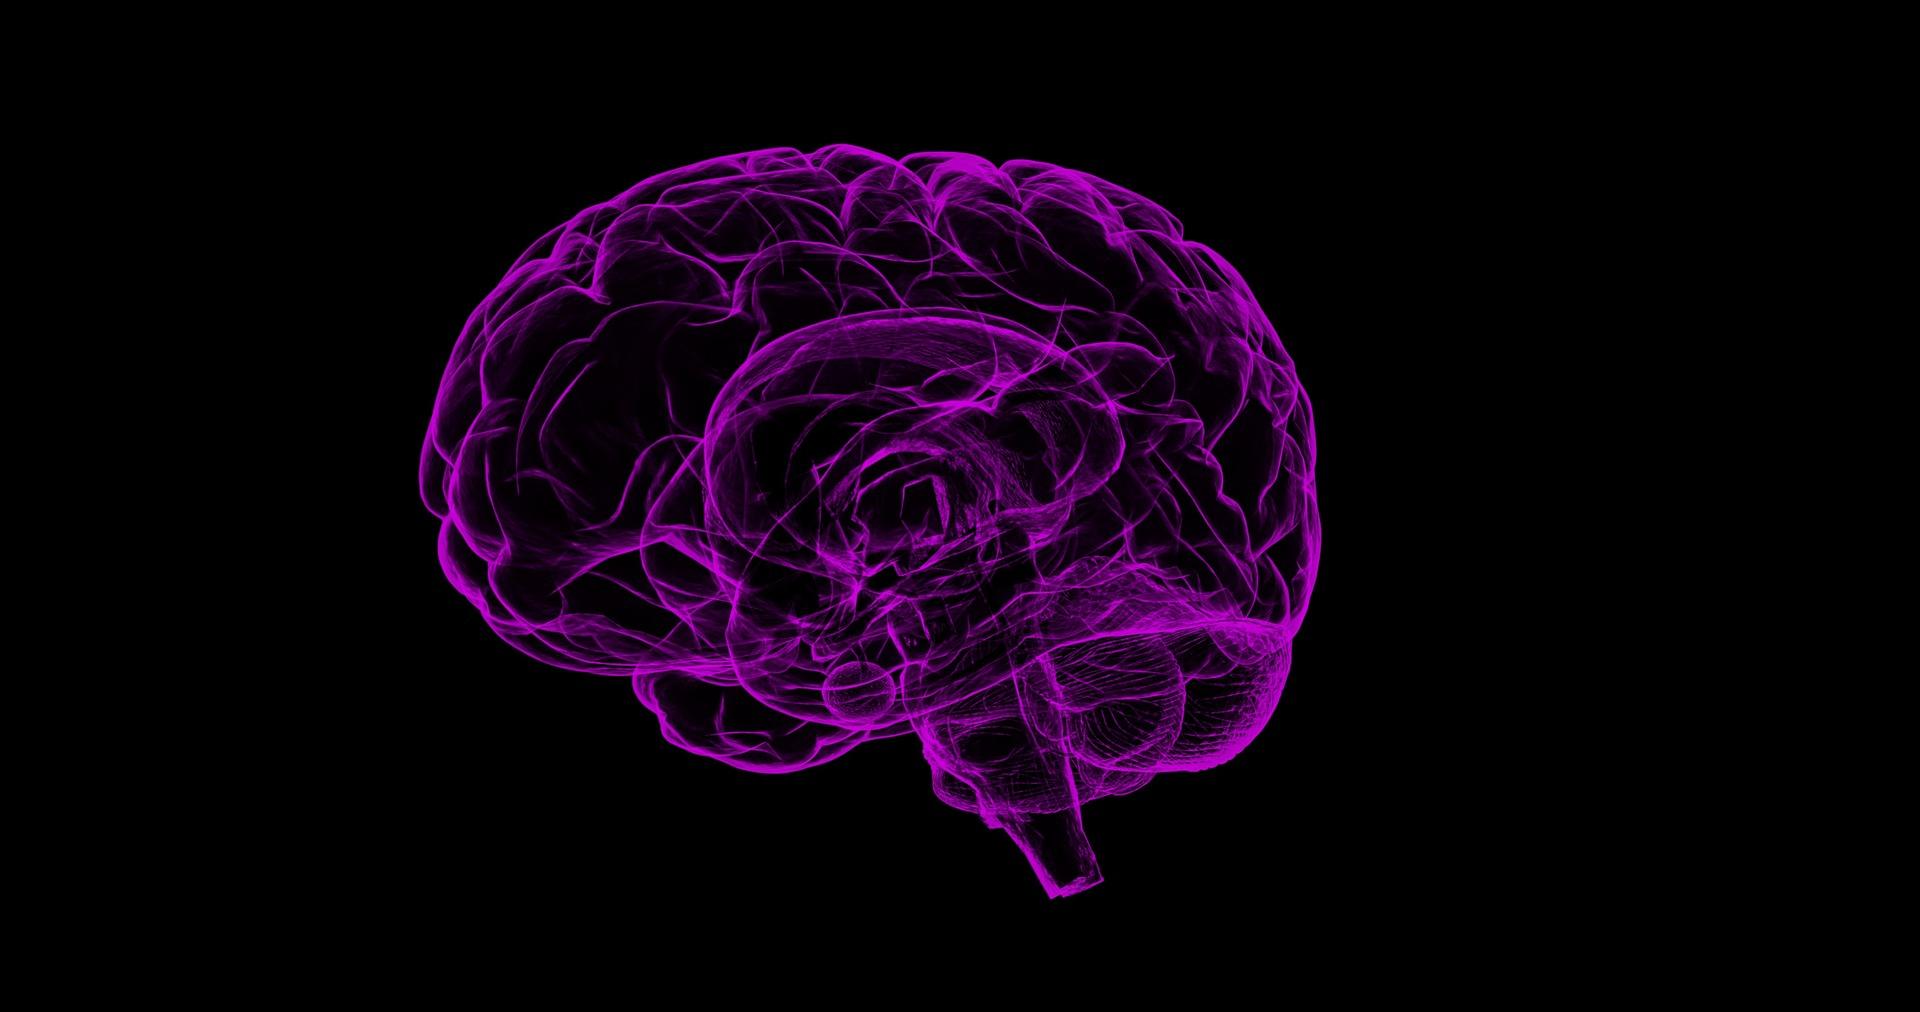 imagen sobre la cocaína y el cerebro